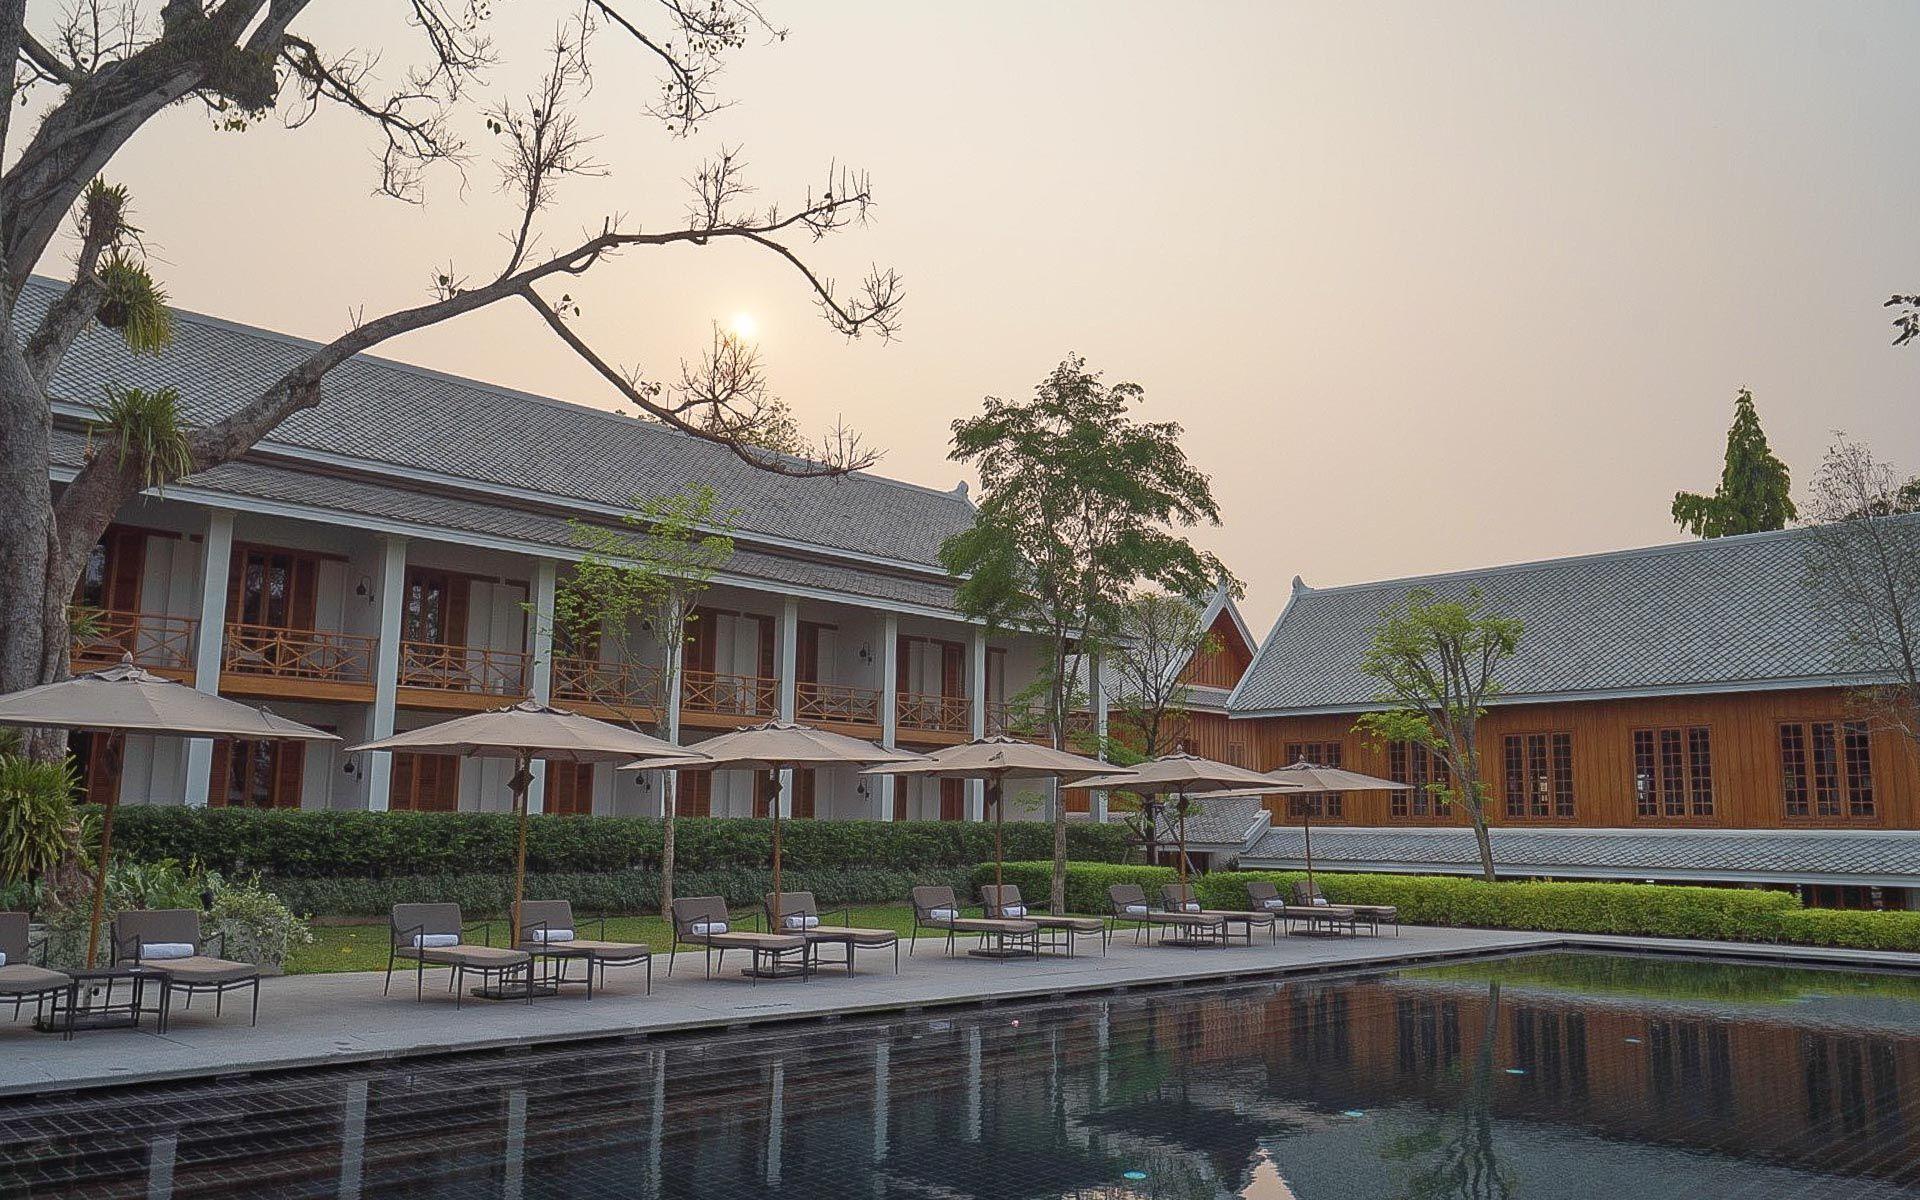 Lesvoyageuses-voyager-au-laos-luang-prabang-avani-hotel-2